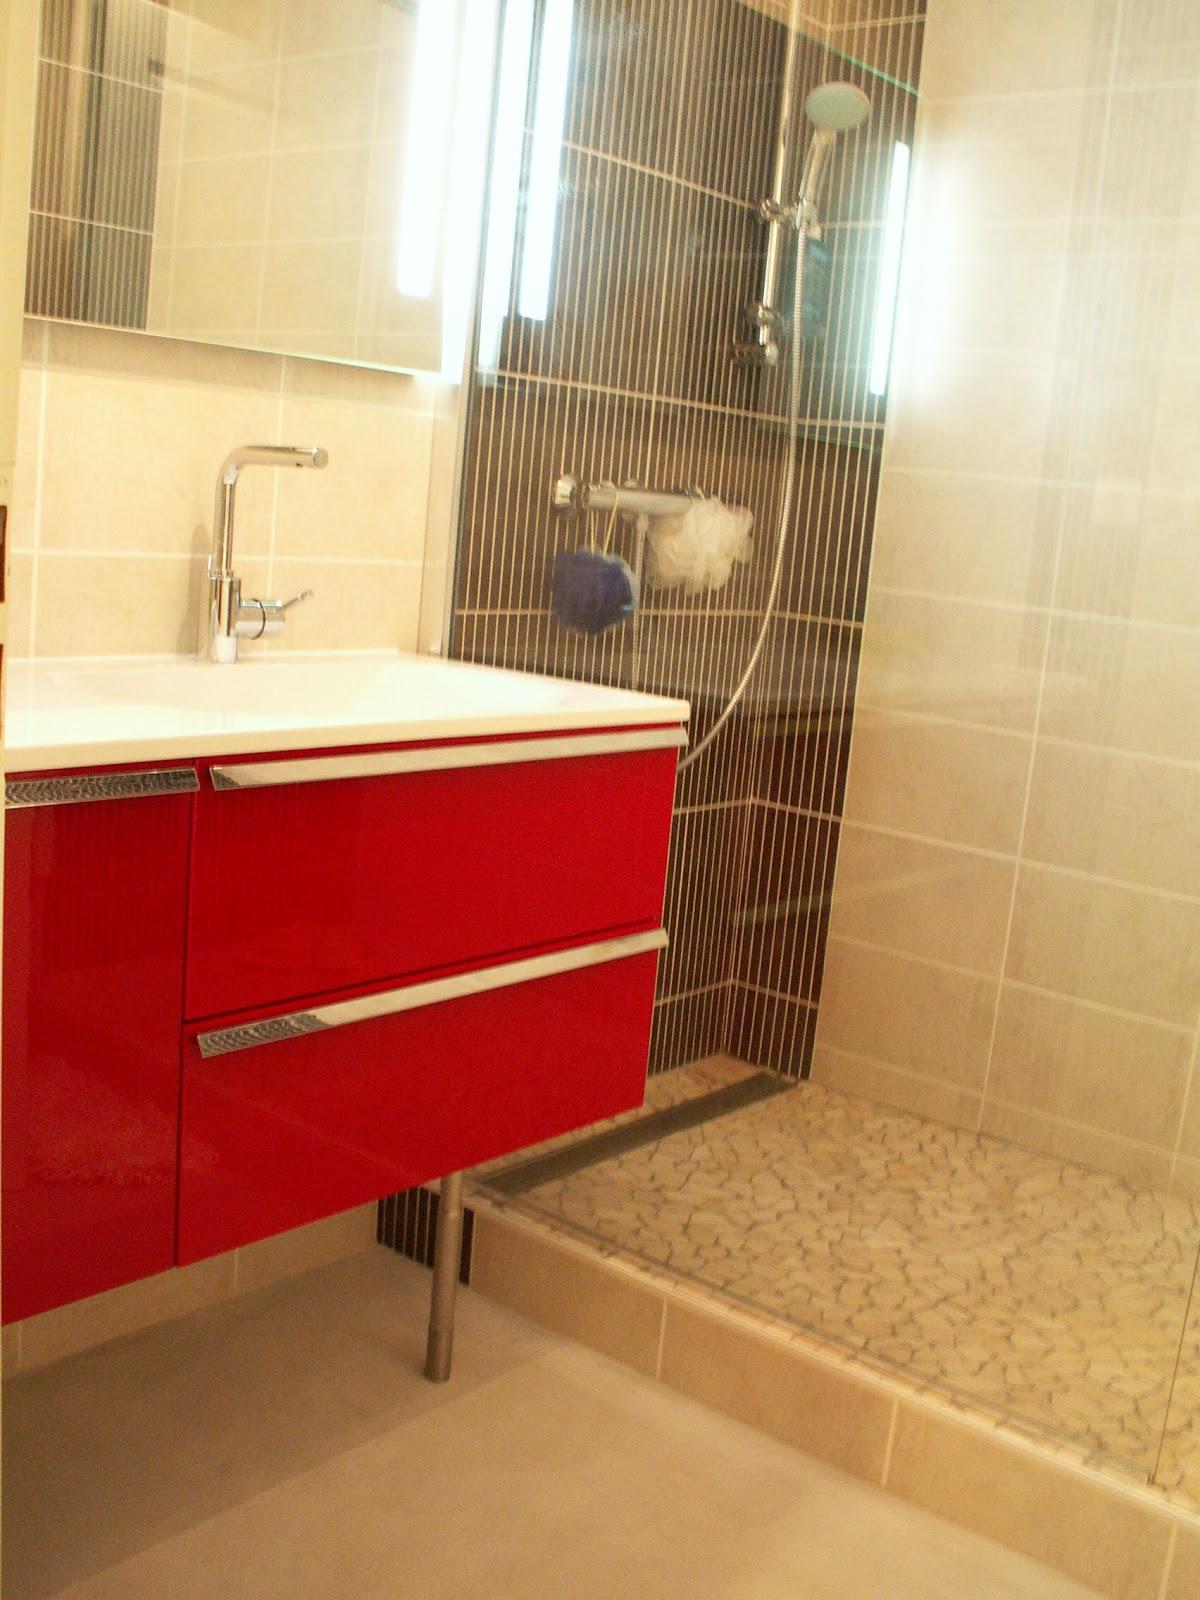 remplacement d 39 une baignoire par un bac douche julienbugnetcarrelage. Black Bedroom Furniture Sets. Home Design Ideas